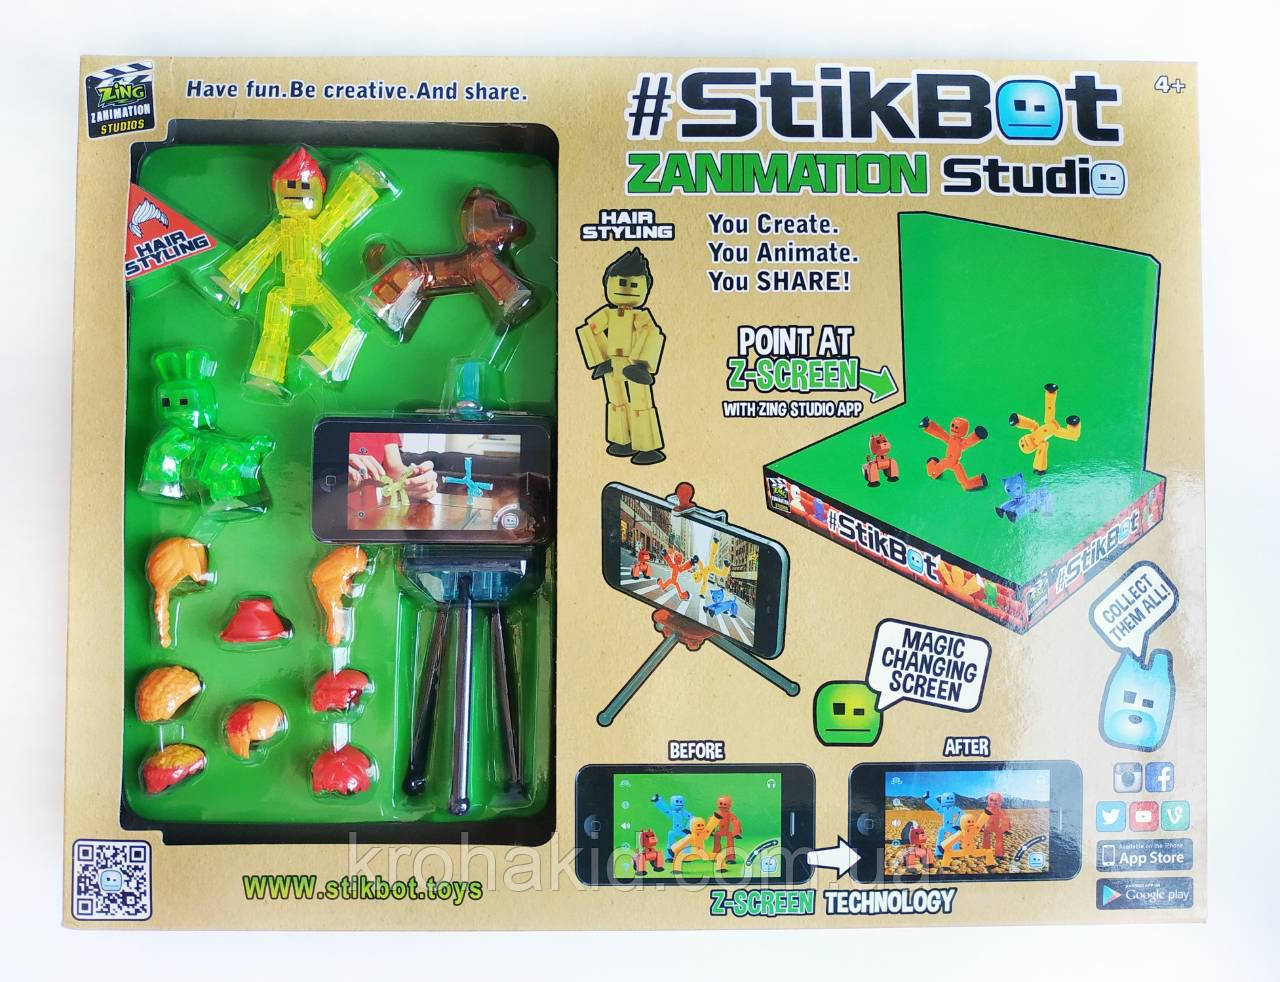 Набір фігурок для анімаційного творчості StikBot зі сценою і штативом для зйомок